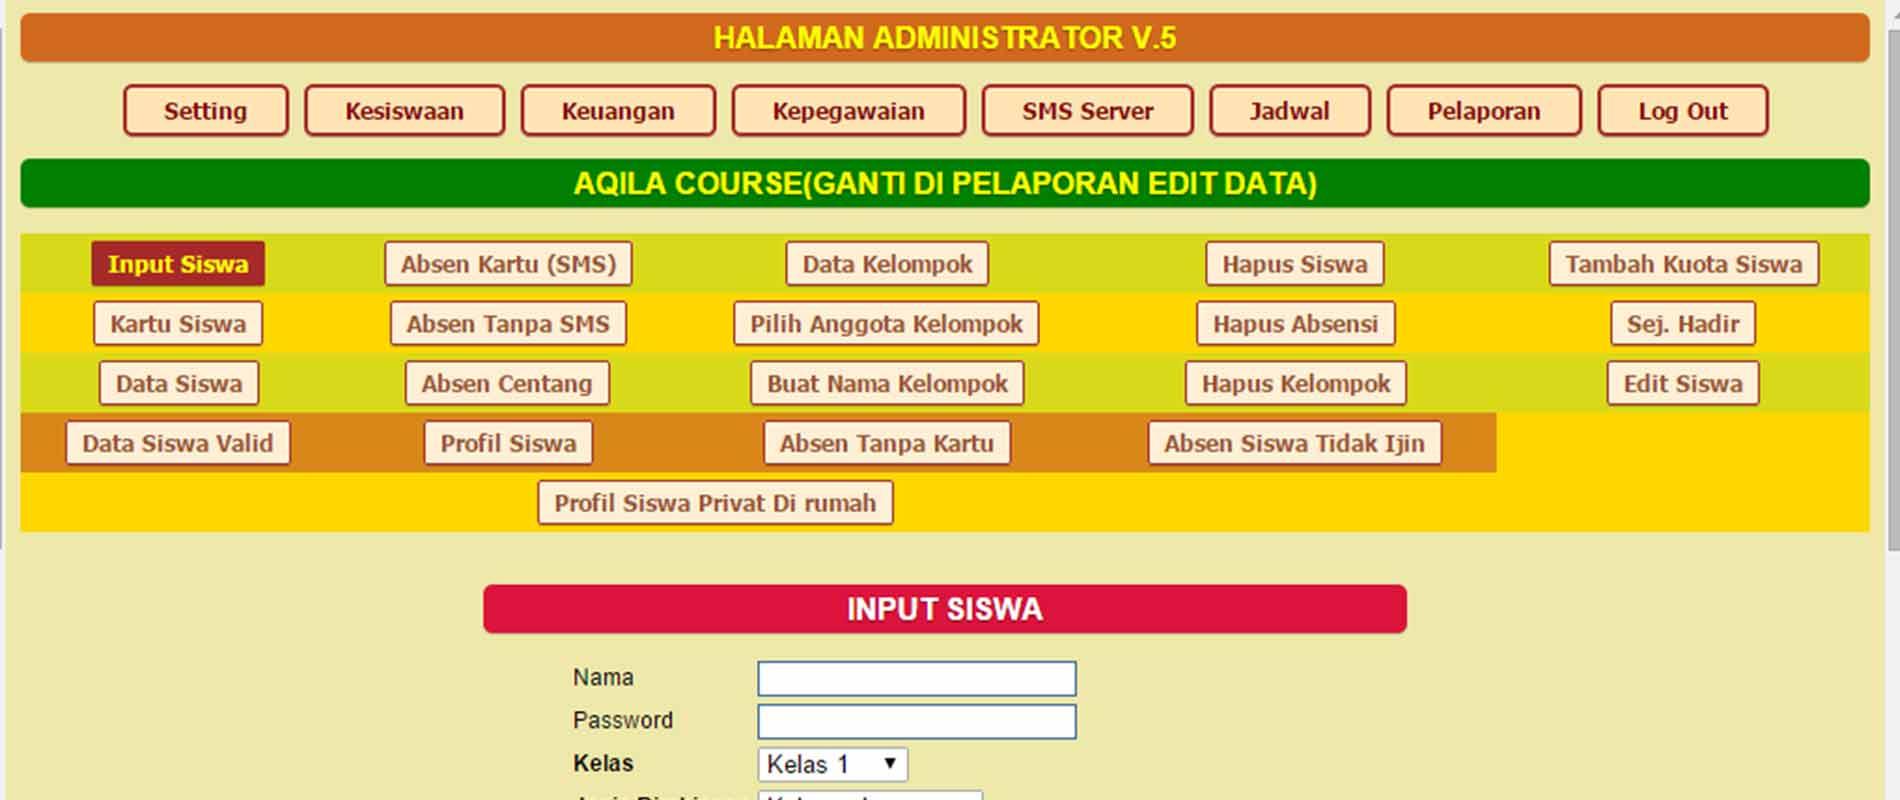 Free Download Soal Uas Universitas Terbuka Gratis